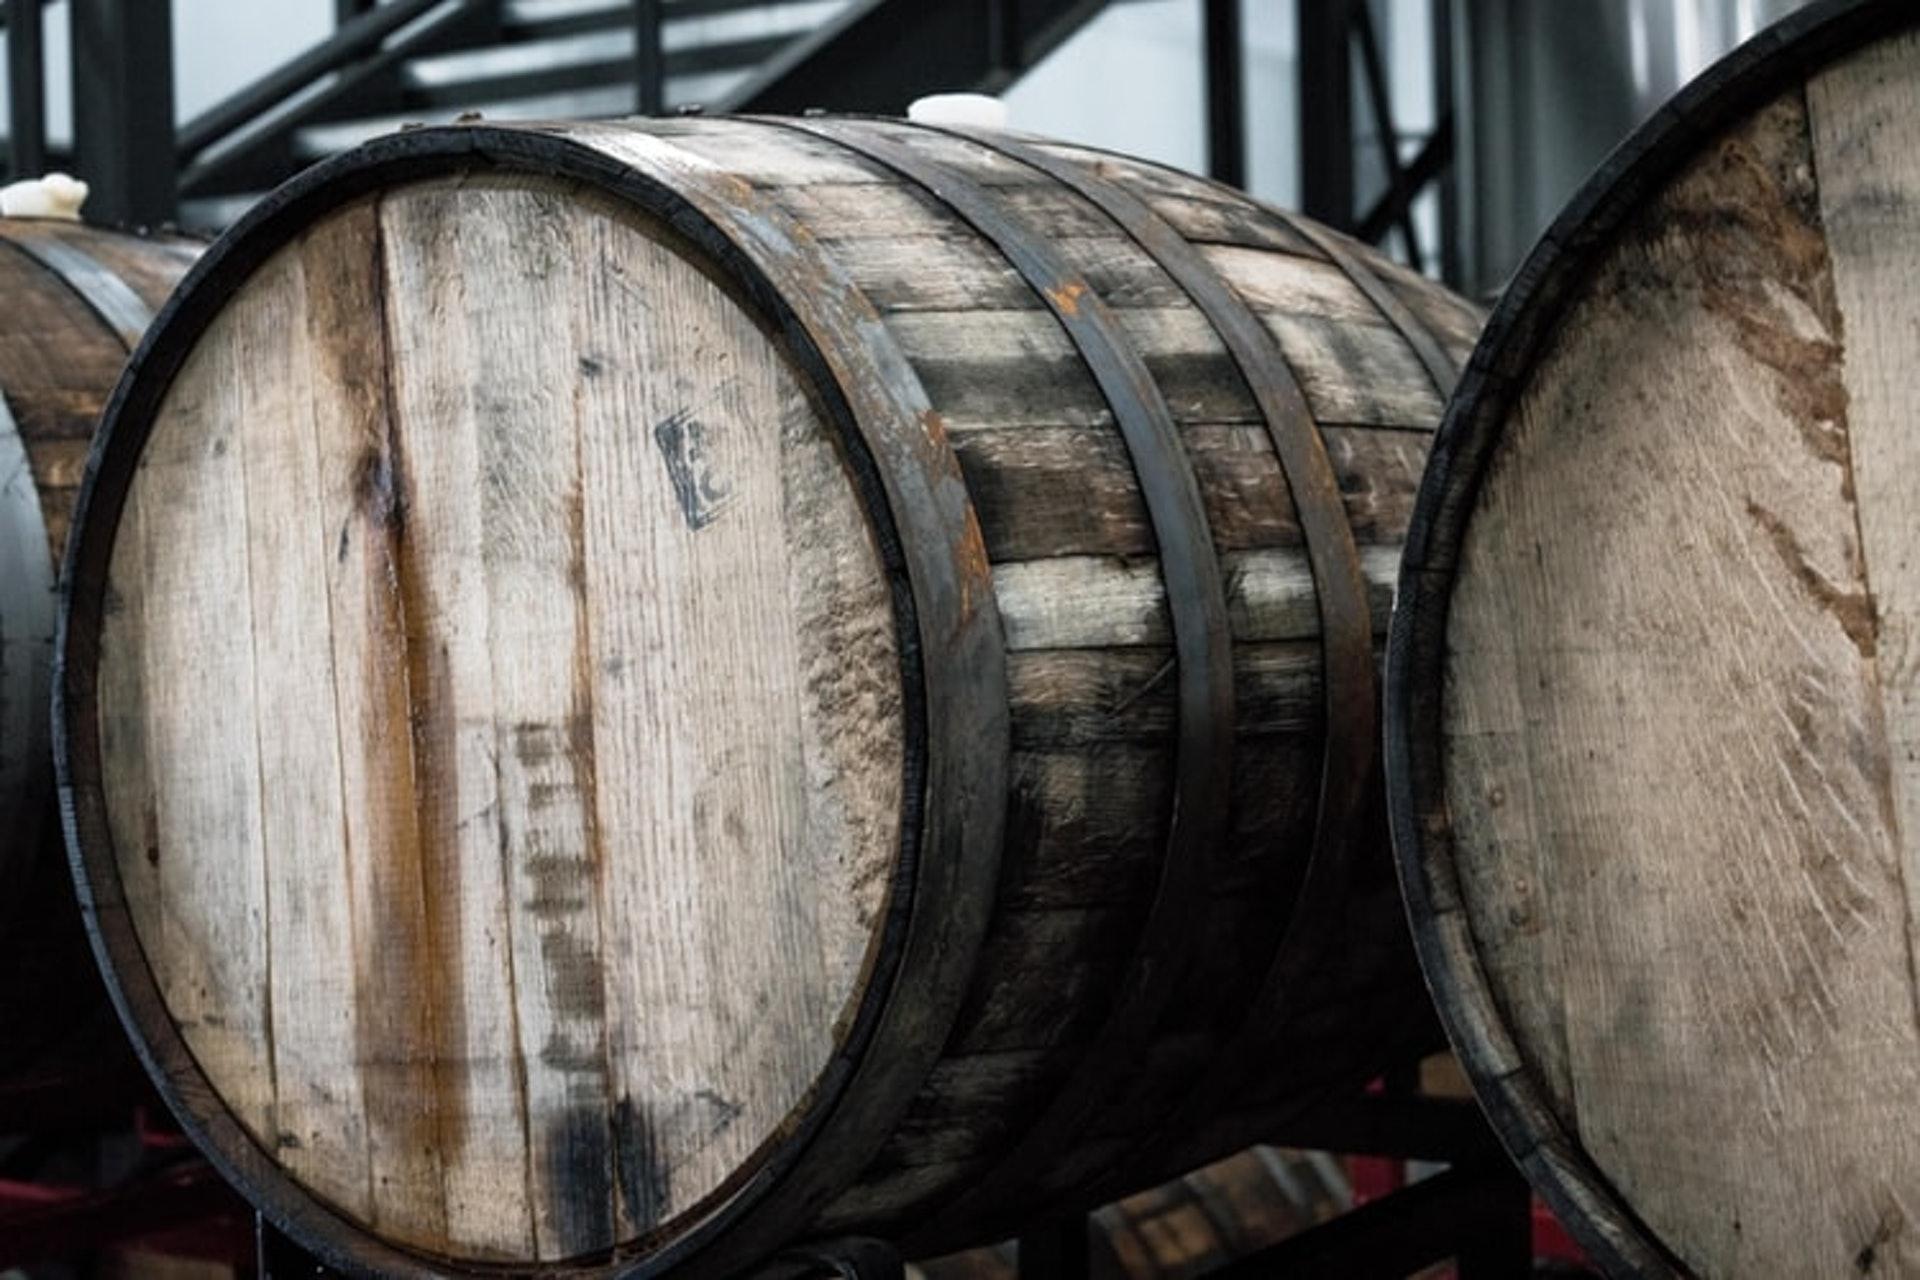 某些白酒還會用橡木桶陳釀,以提取香草氣息和單寧,使其更復雜、更好地陳年。(  Elevate / unsplash )